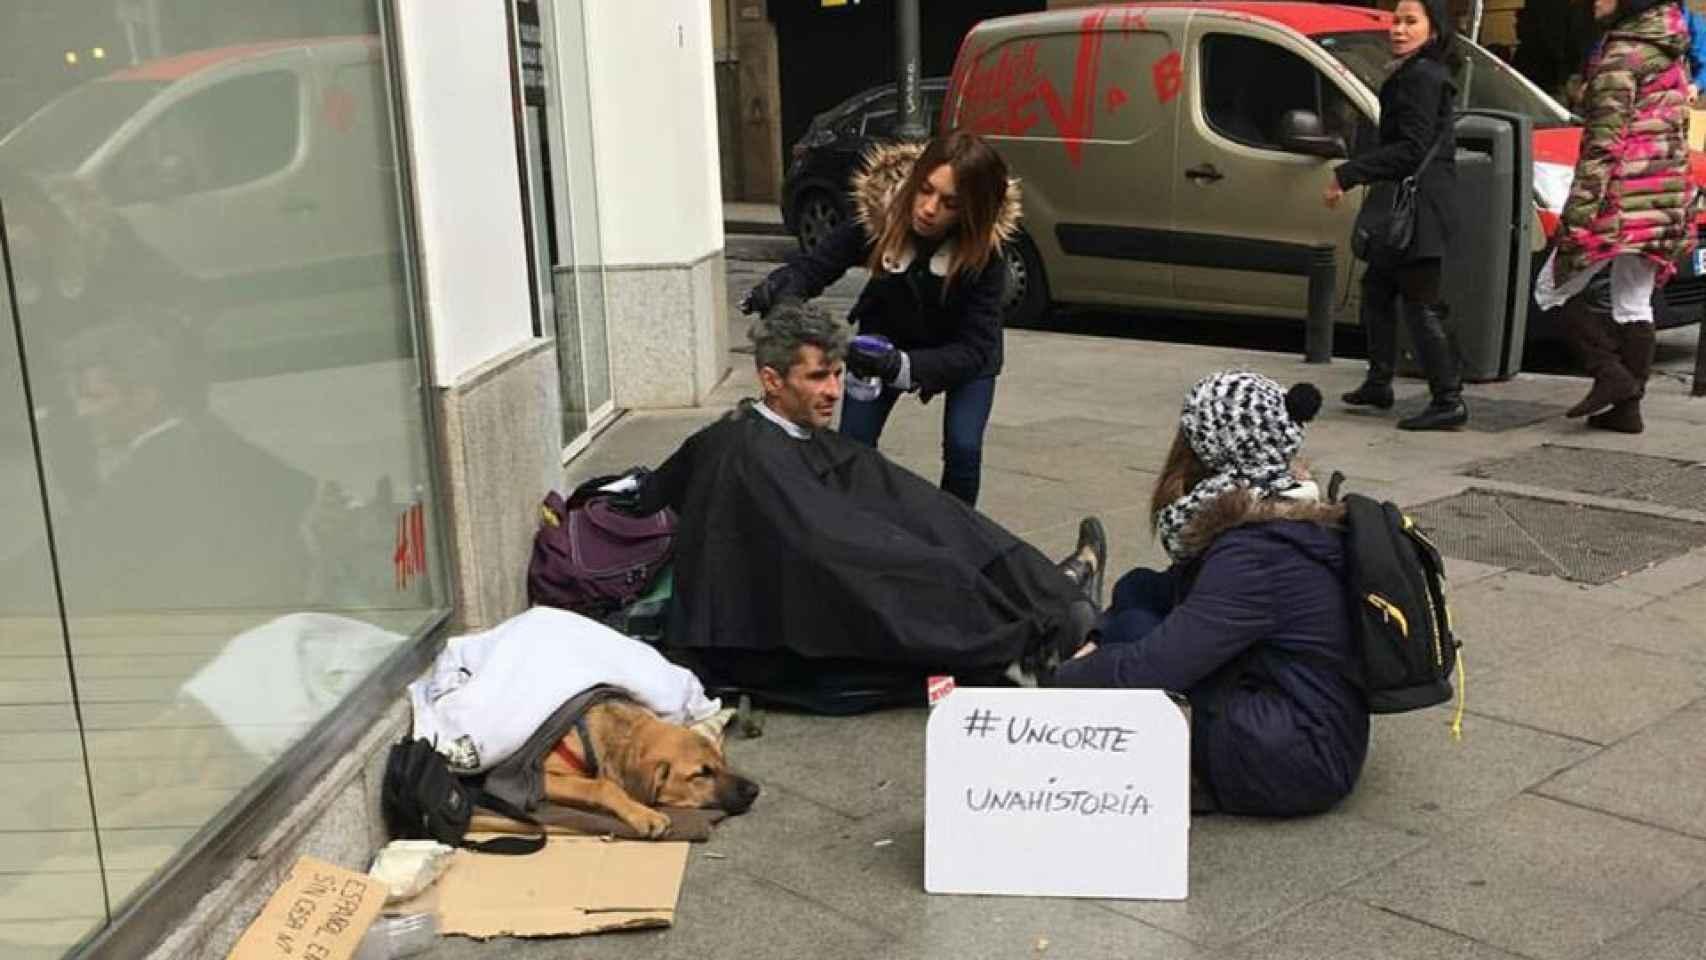 La peluquera de lujo que corta el pelo a los sin hogar